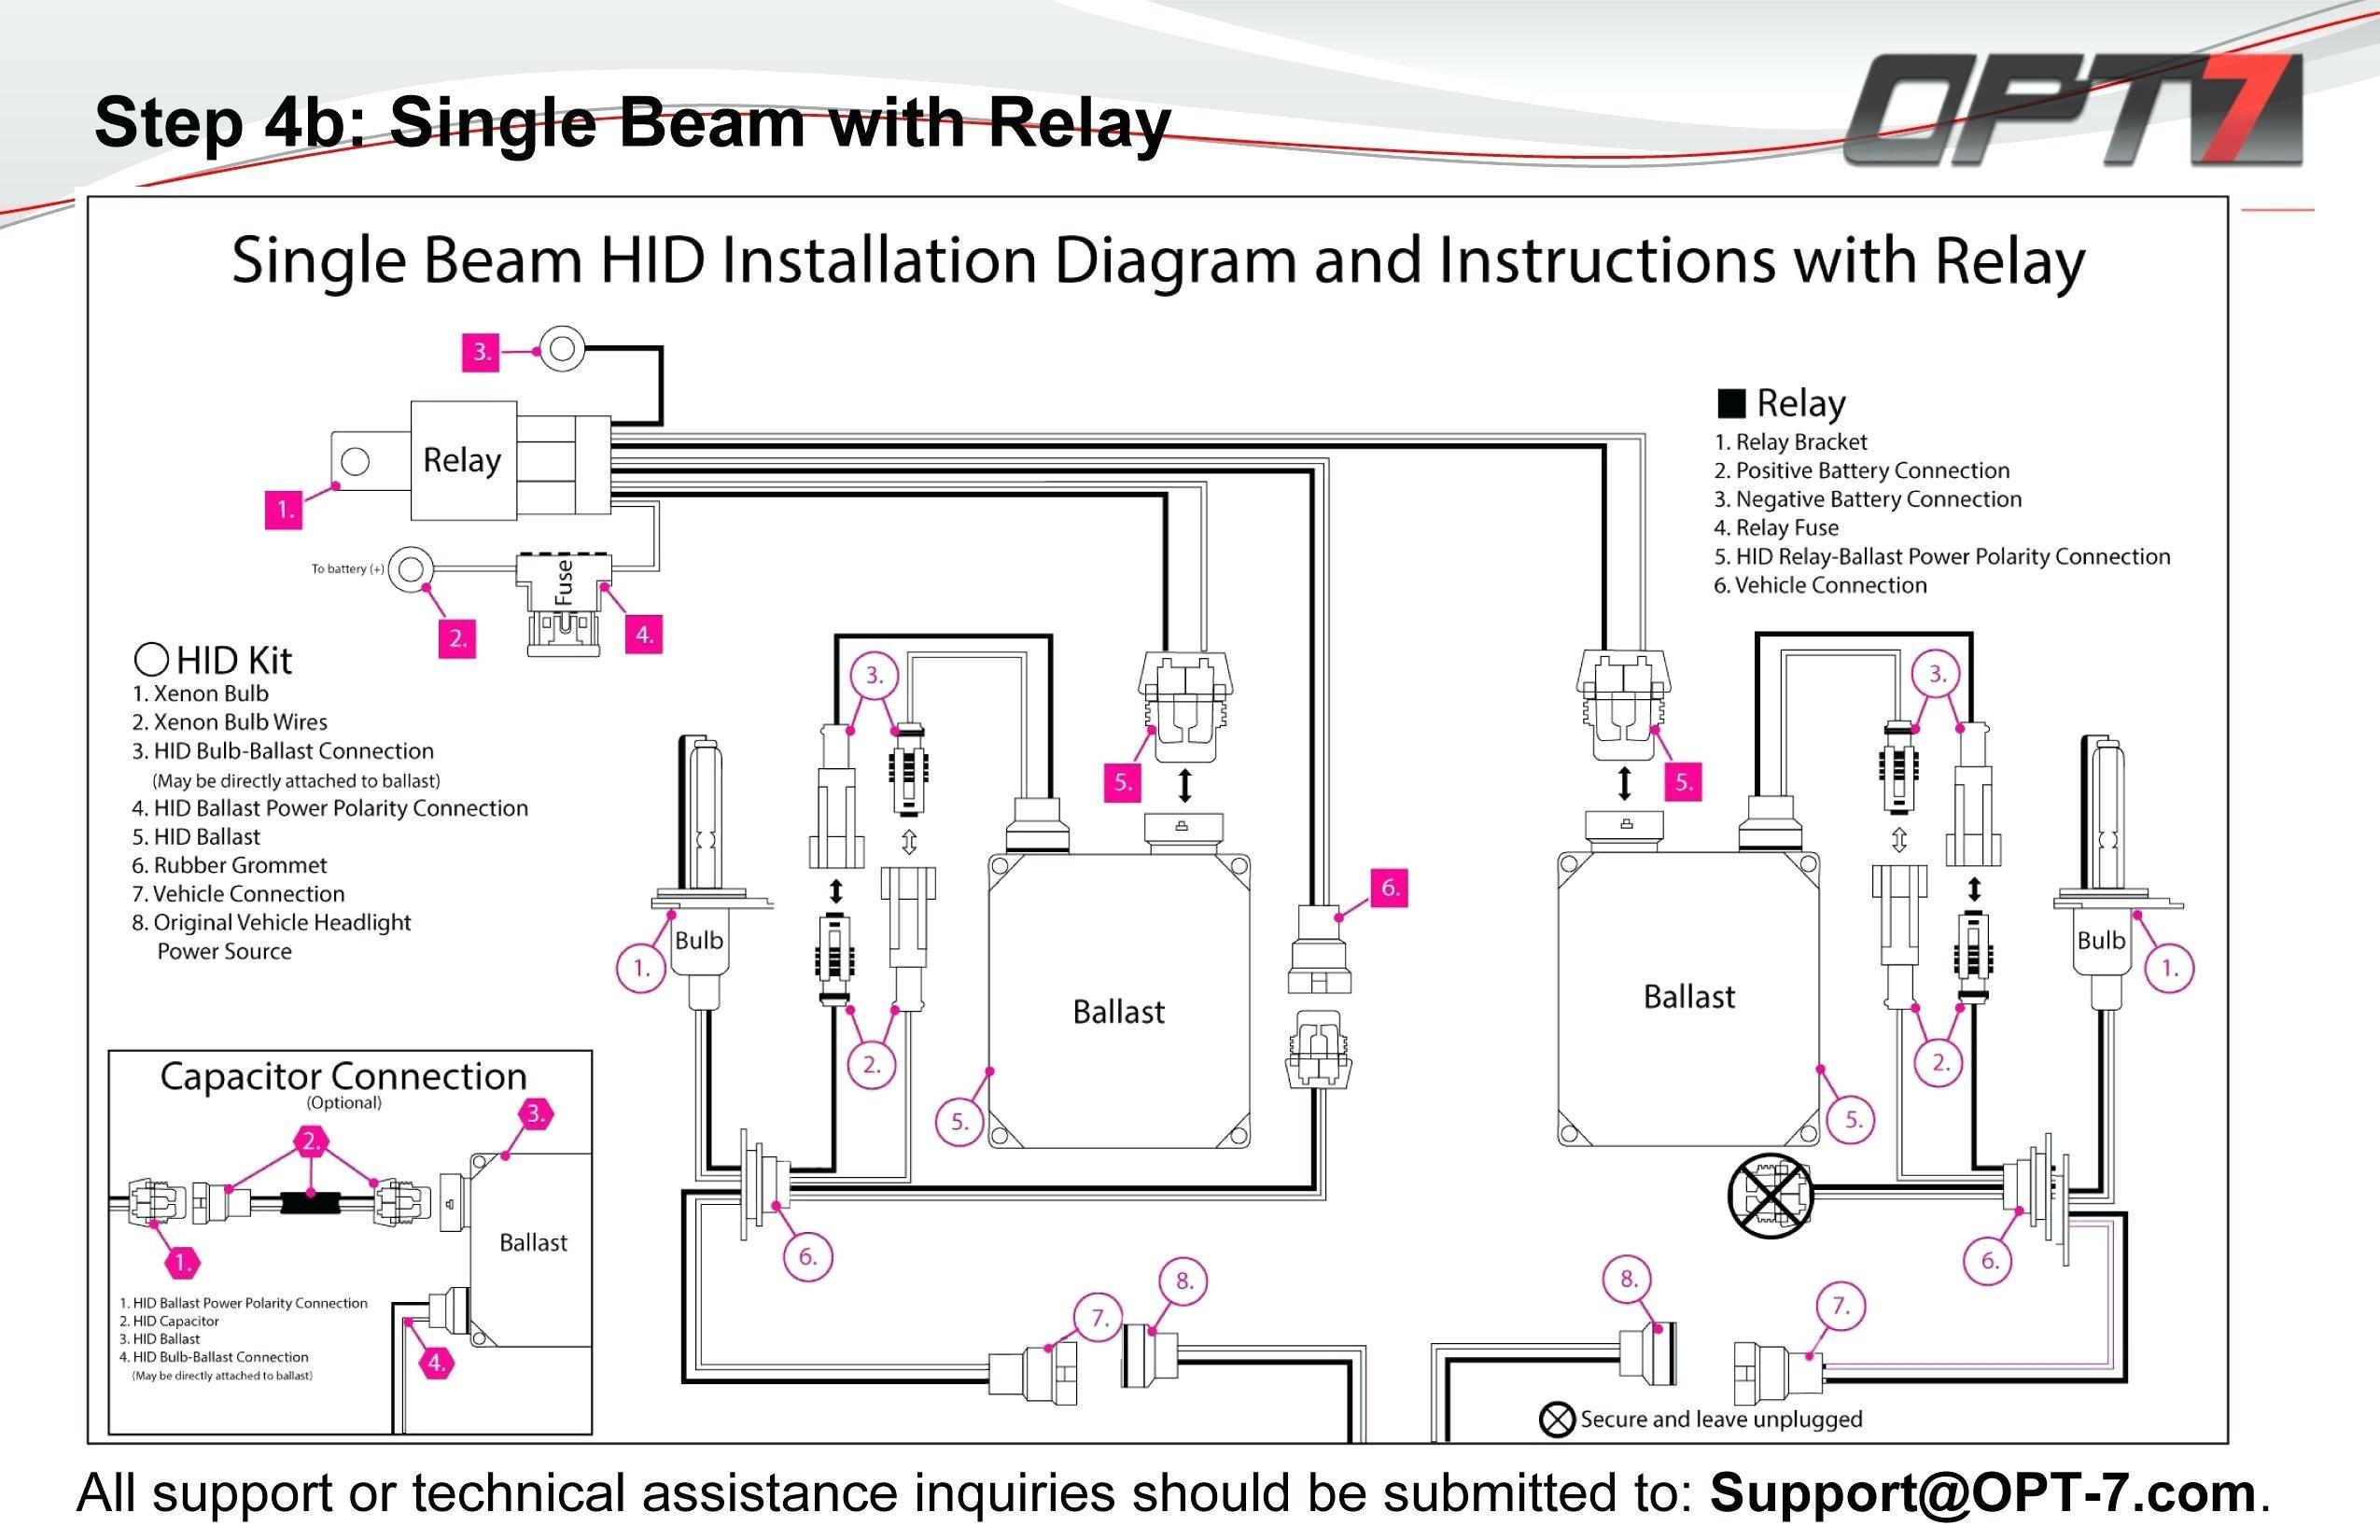 workhorse 5 ballast wiring diagram all wiring diagram Wh7 120L Wiring-Diagram fulham wh2 120 c wiring diagram free wiring diagram light ballast wiring diagram 3 workhorse 5 ballast wiring diagram